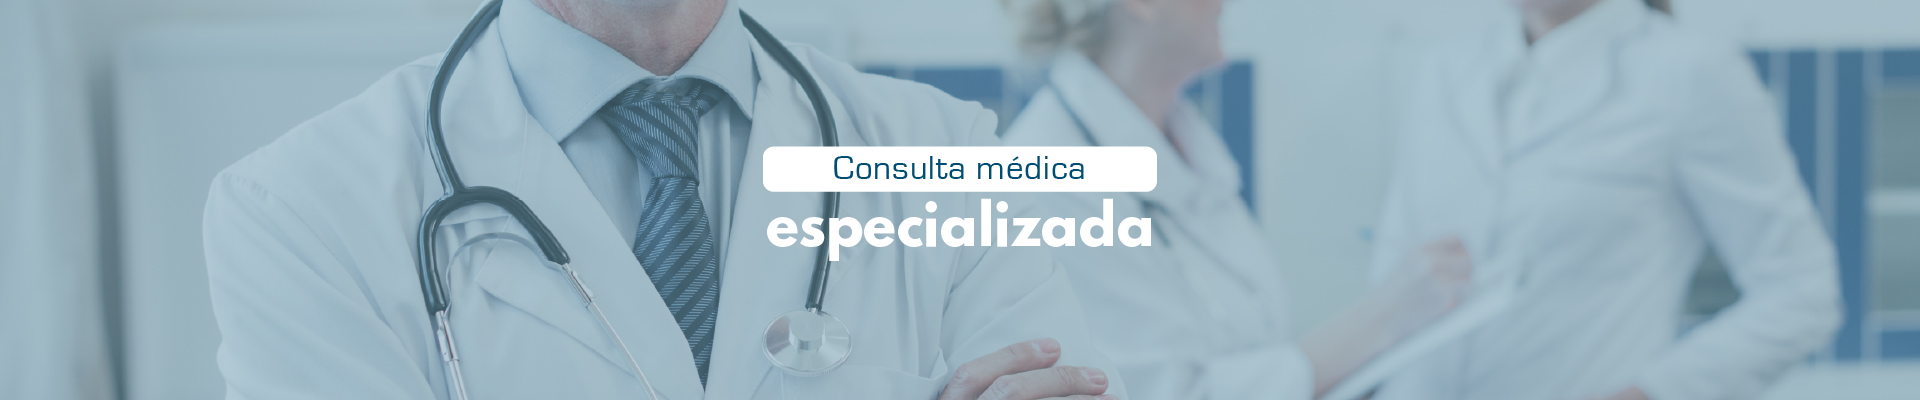 Consulta médica especializada en neurología en Fundación Clínica del Norte